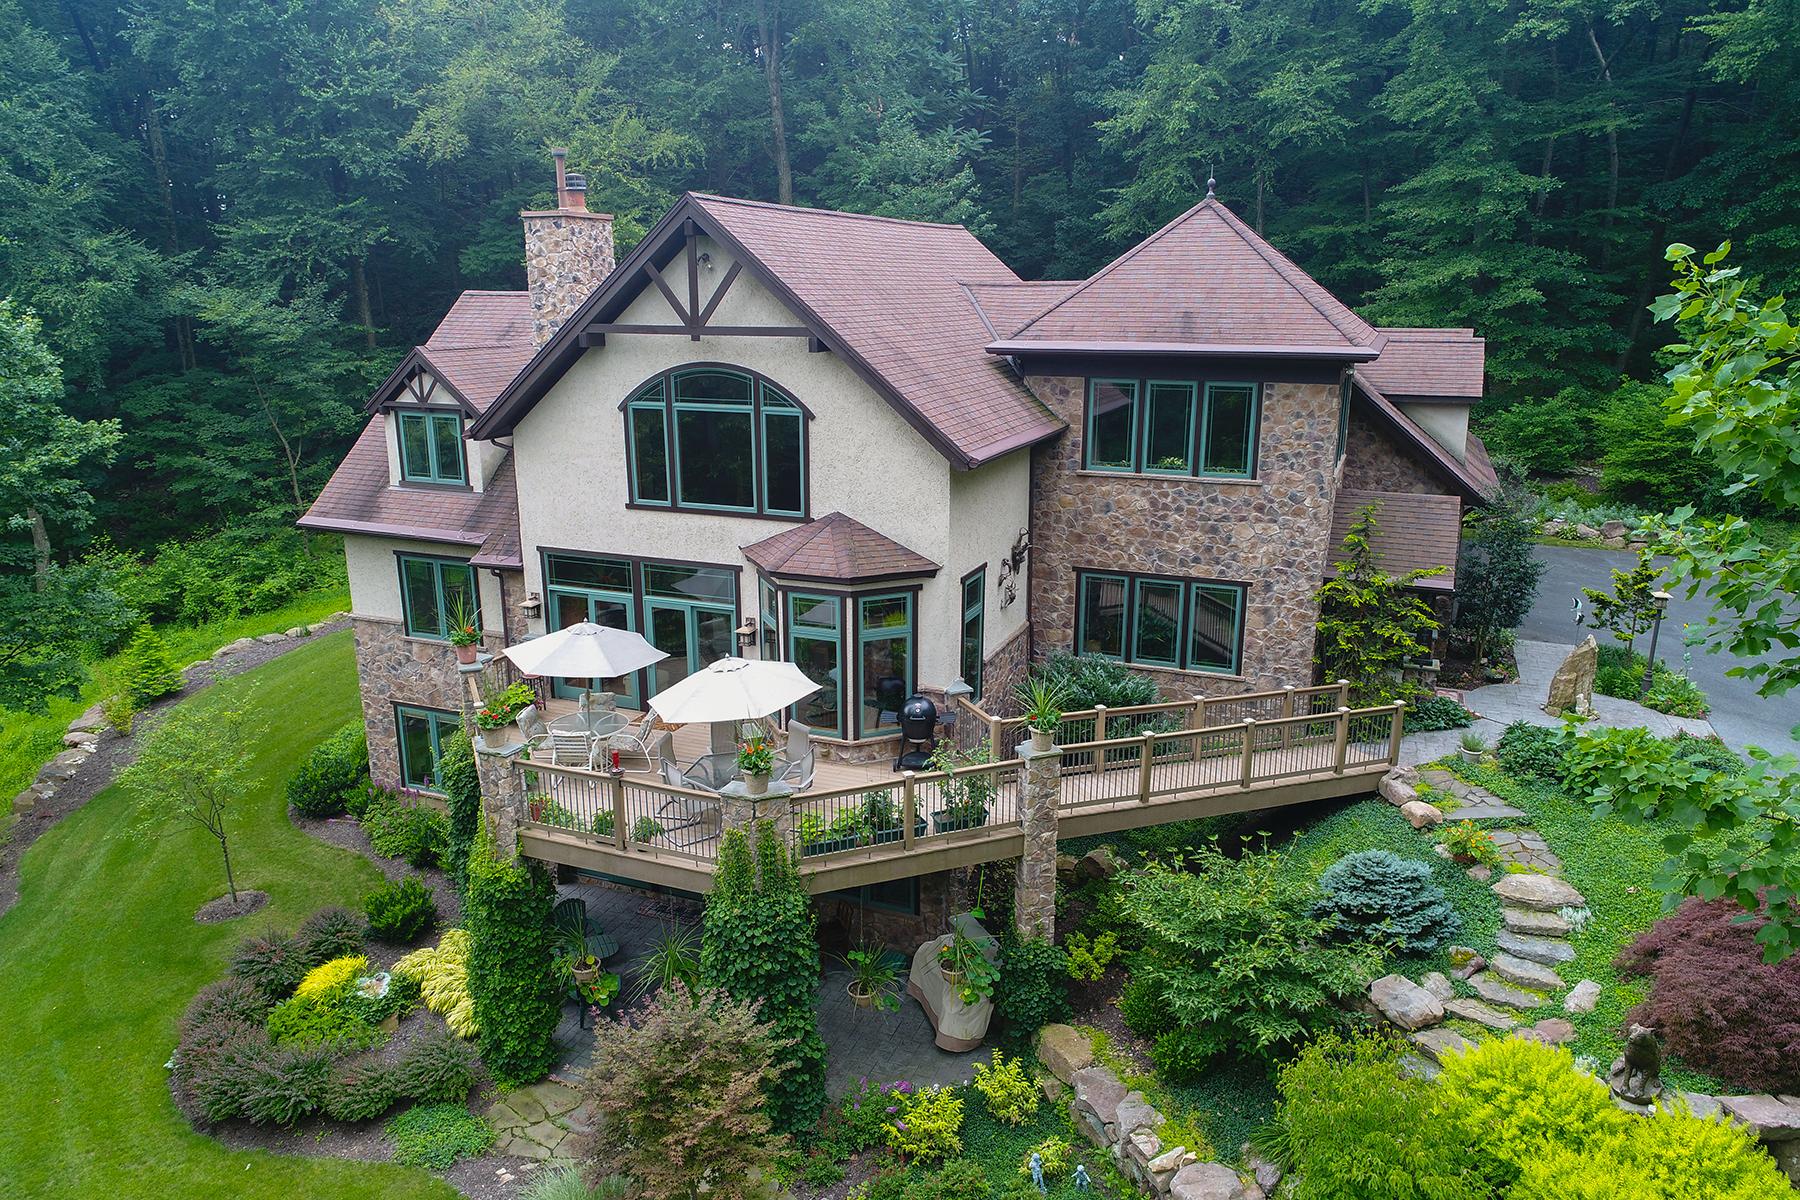 Частный односемейный дом для того Продажа на 3 Stone Pond Lane Wernersville, 19565 Соединенные Штаты